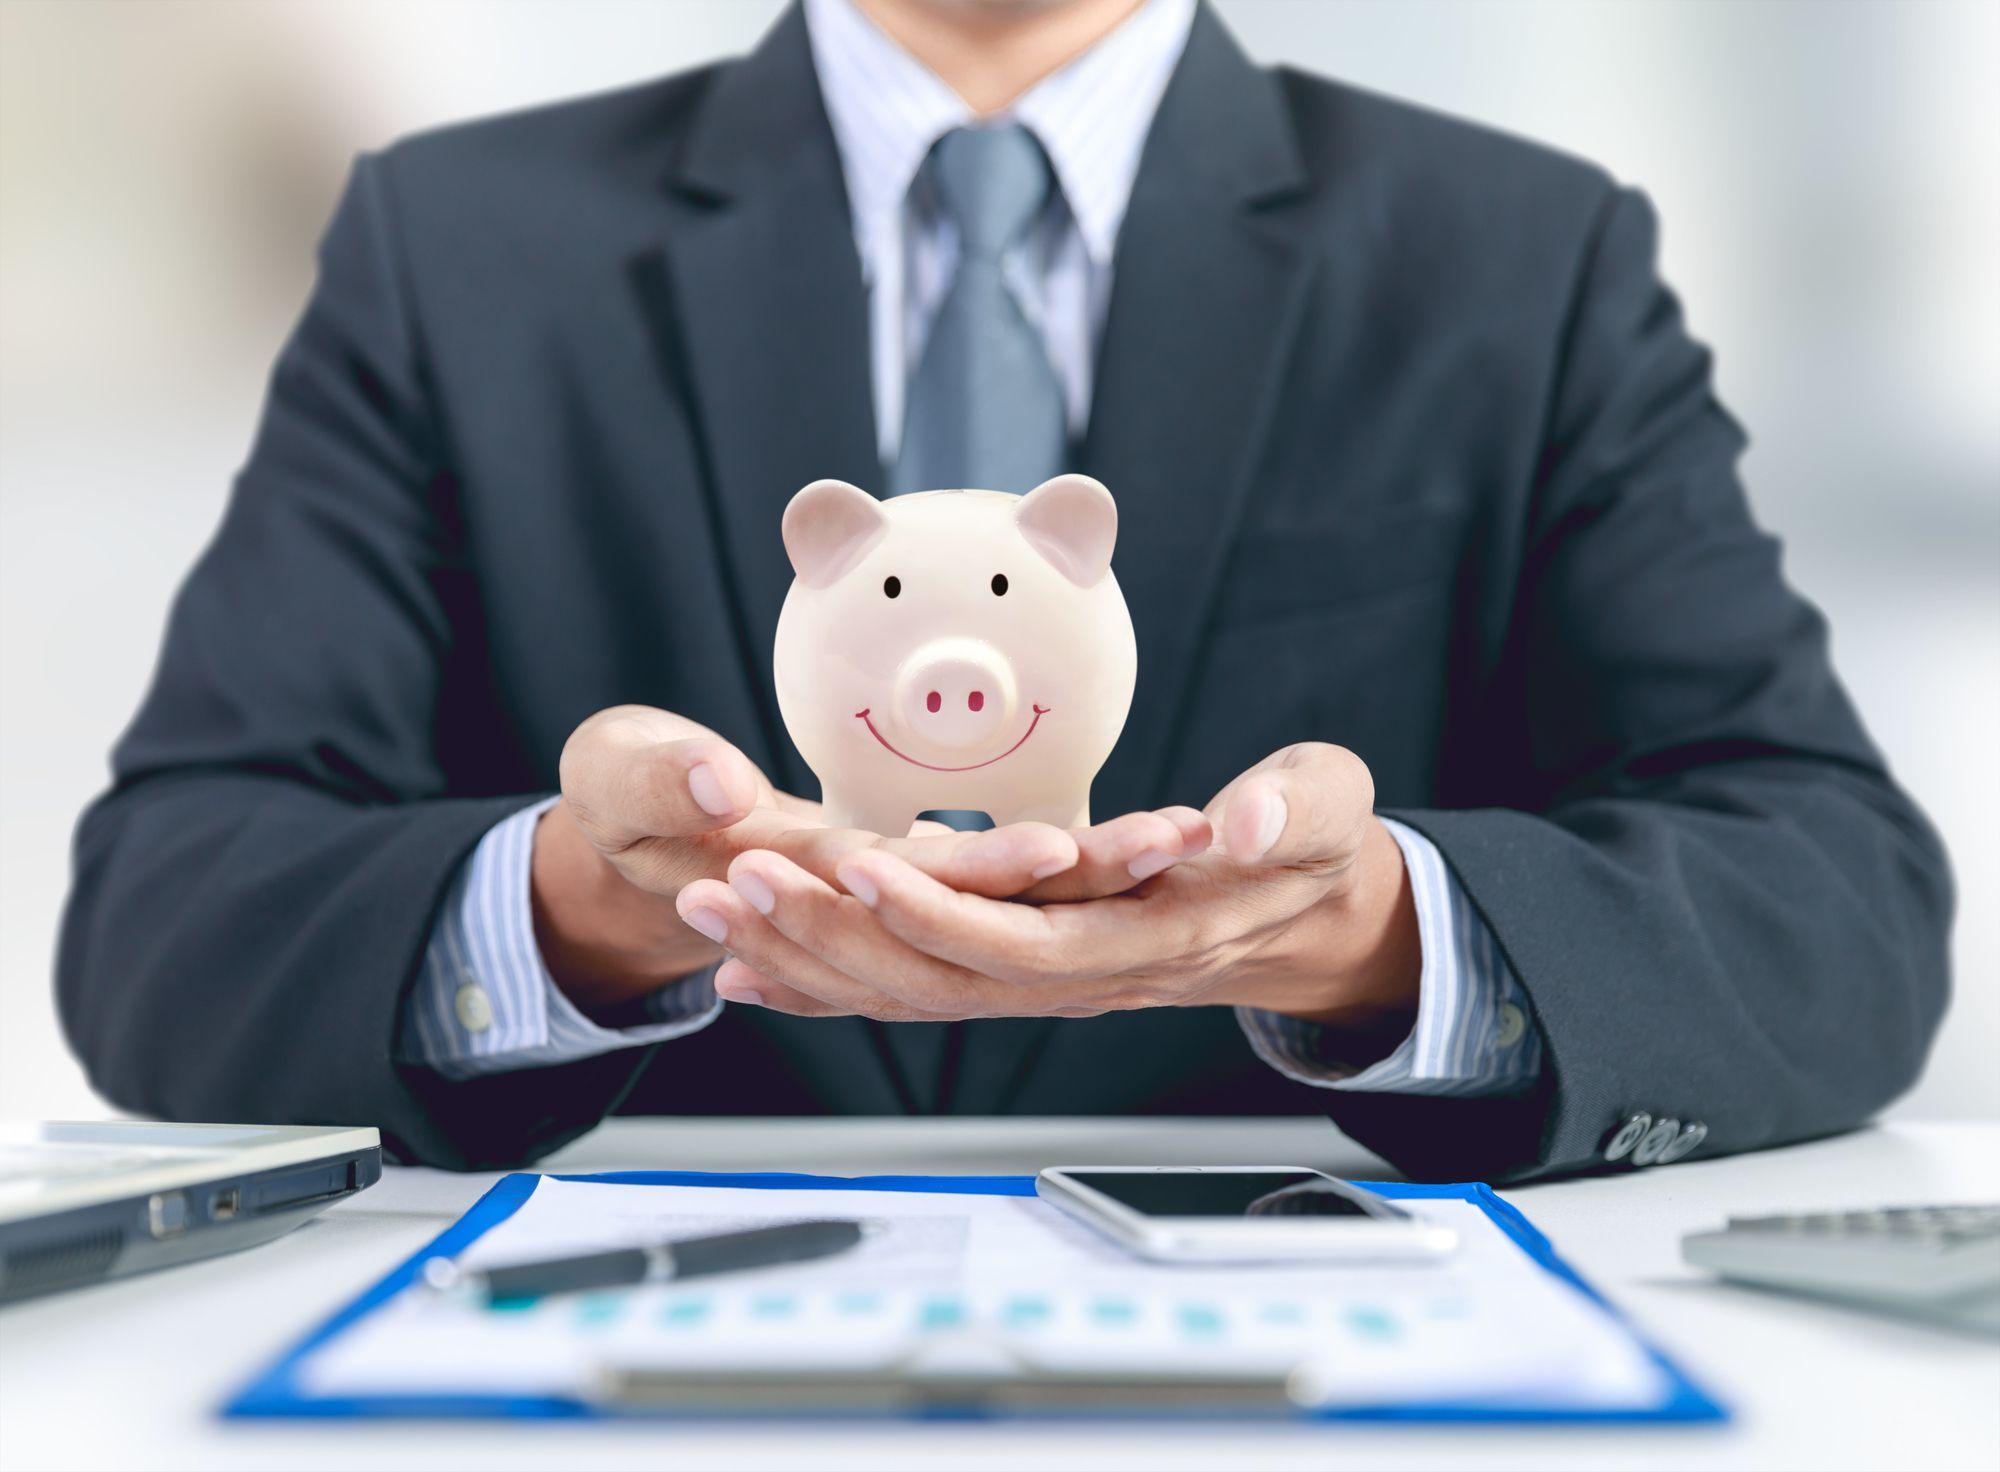 電気代をクレジットカード払いにすると節約になるって本当?